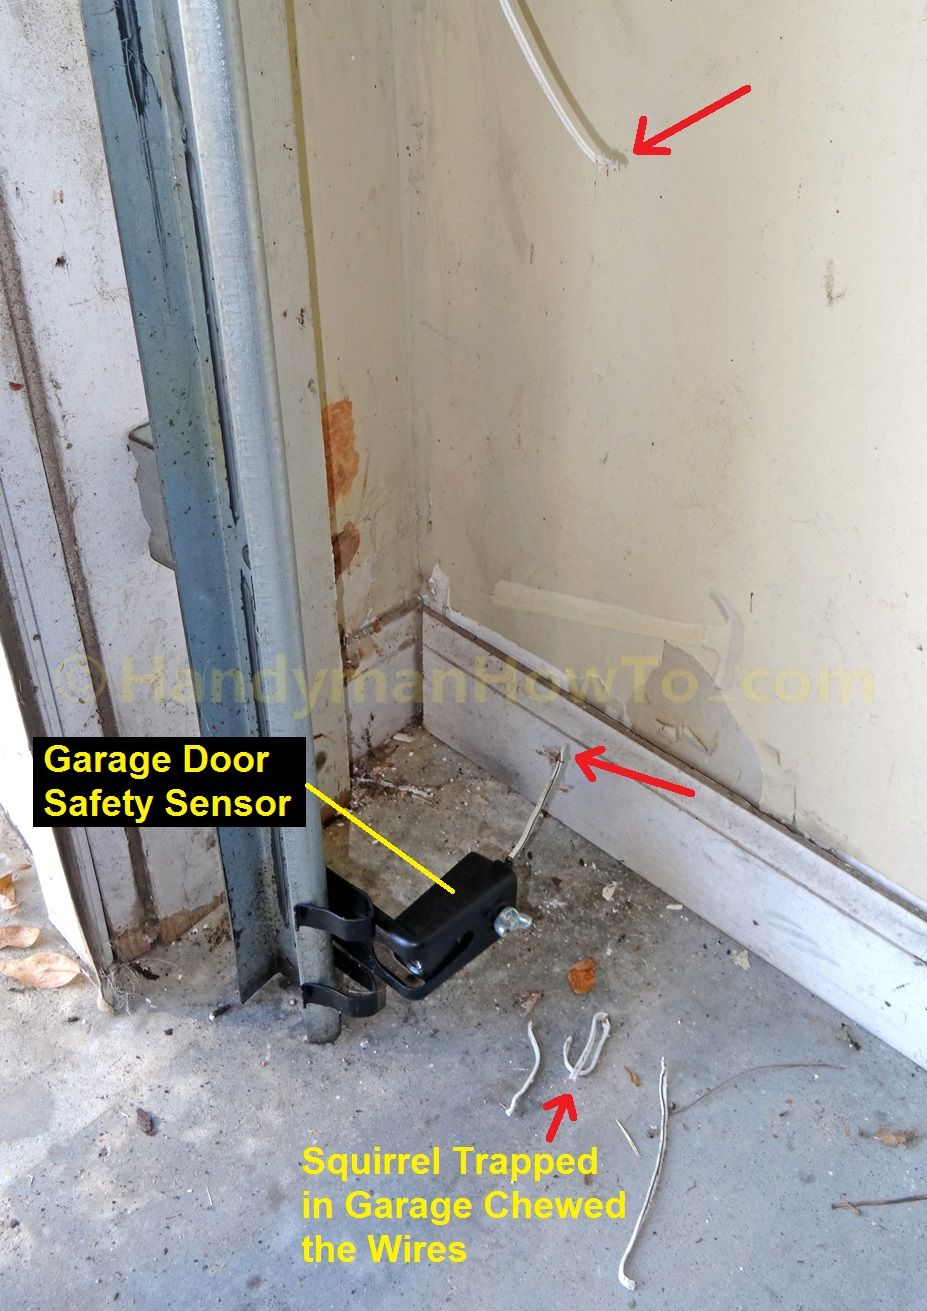 How to repair garage door safety sensor wires